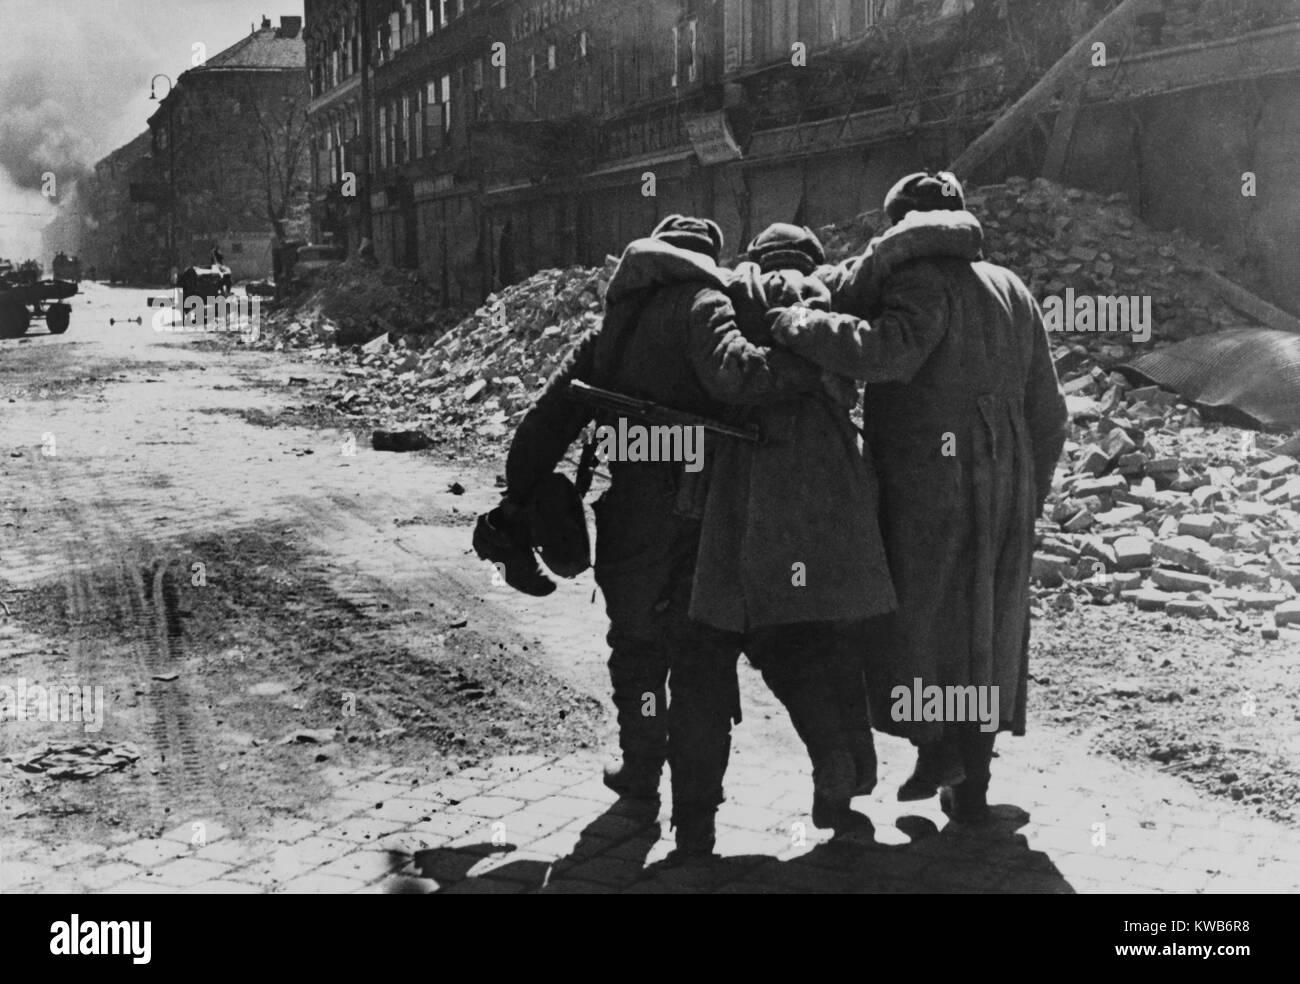 Heridos (Ruso) soldado soviético ayudado por dos compañeros en una calle llena de escombros, de Viena. 1945 Guerra Foto de stock